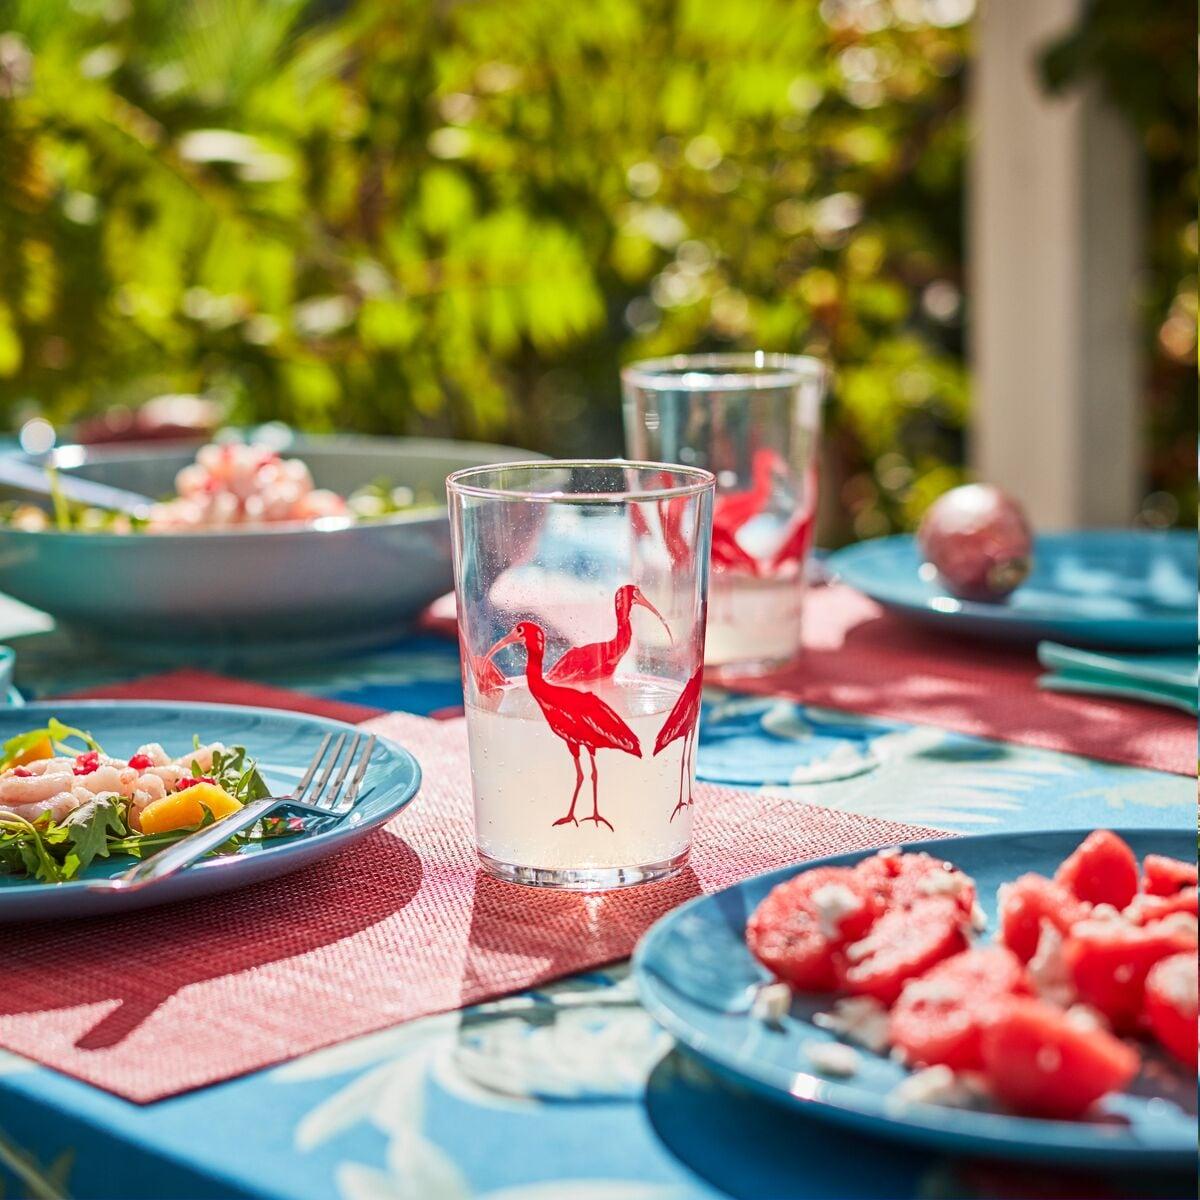 Detalhe de um copo com desenhos de flamingos e pratos azuis